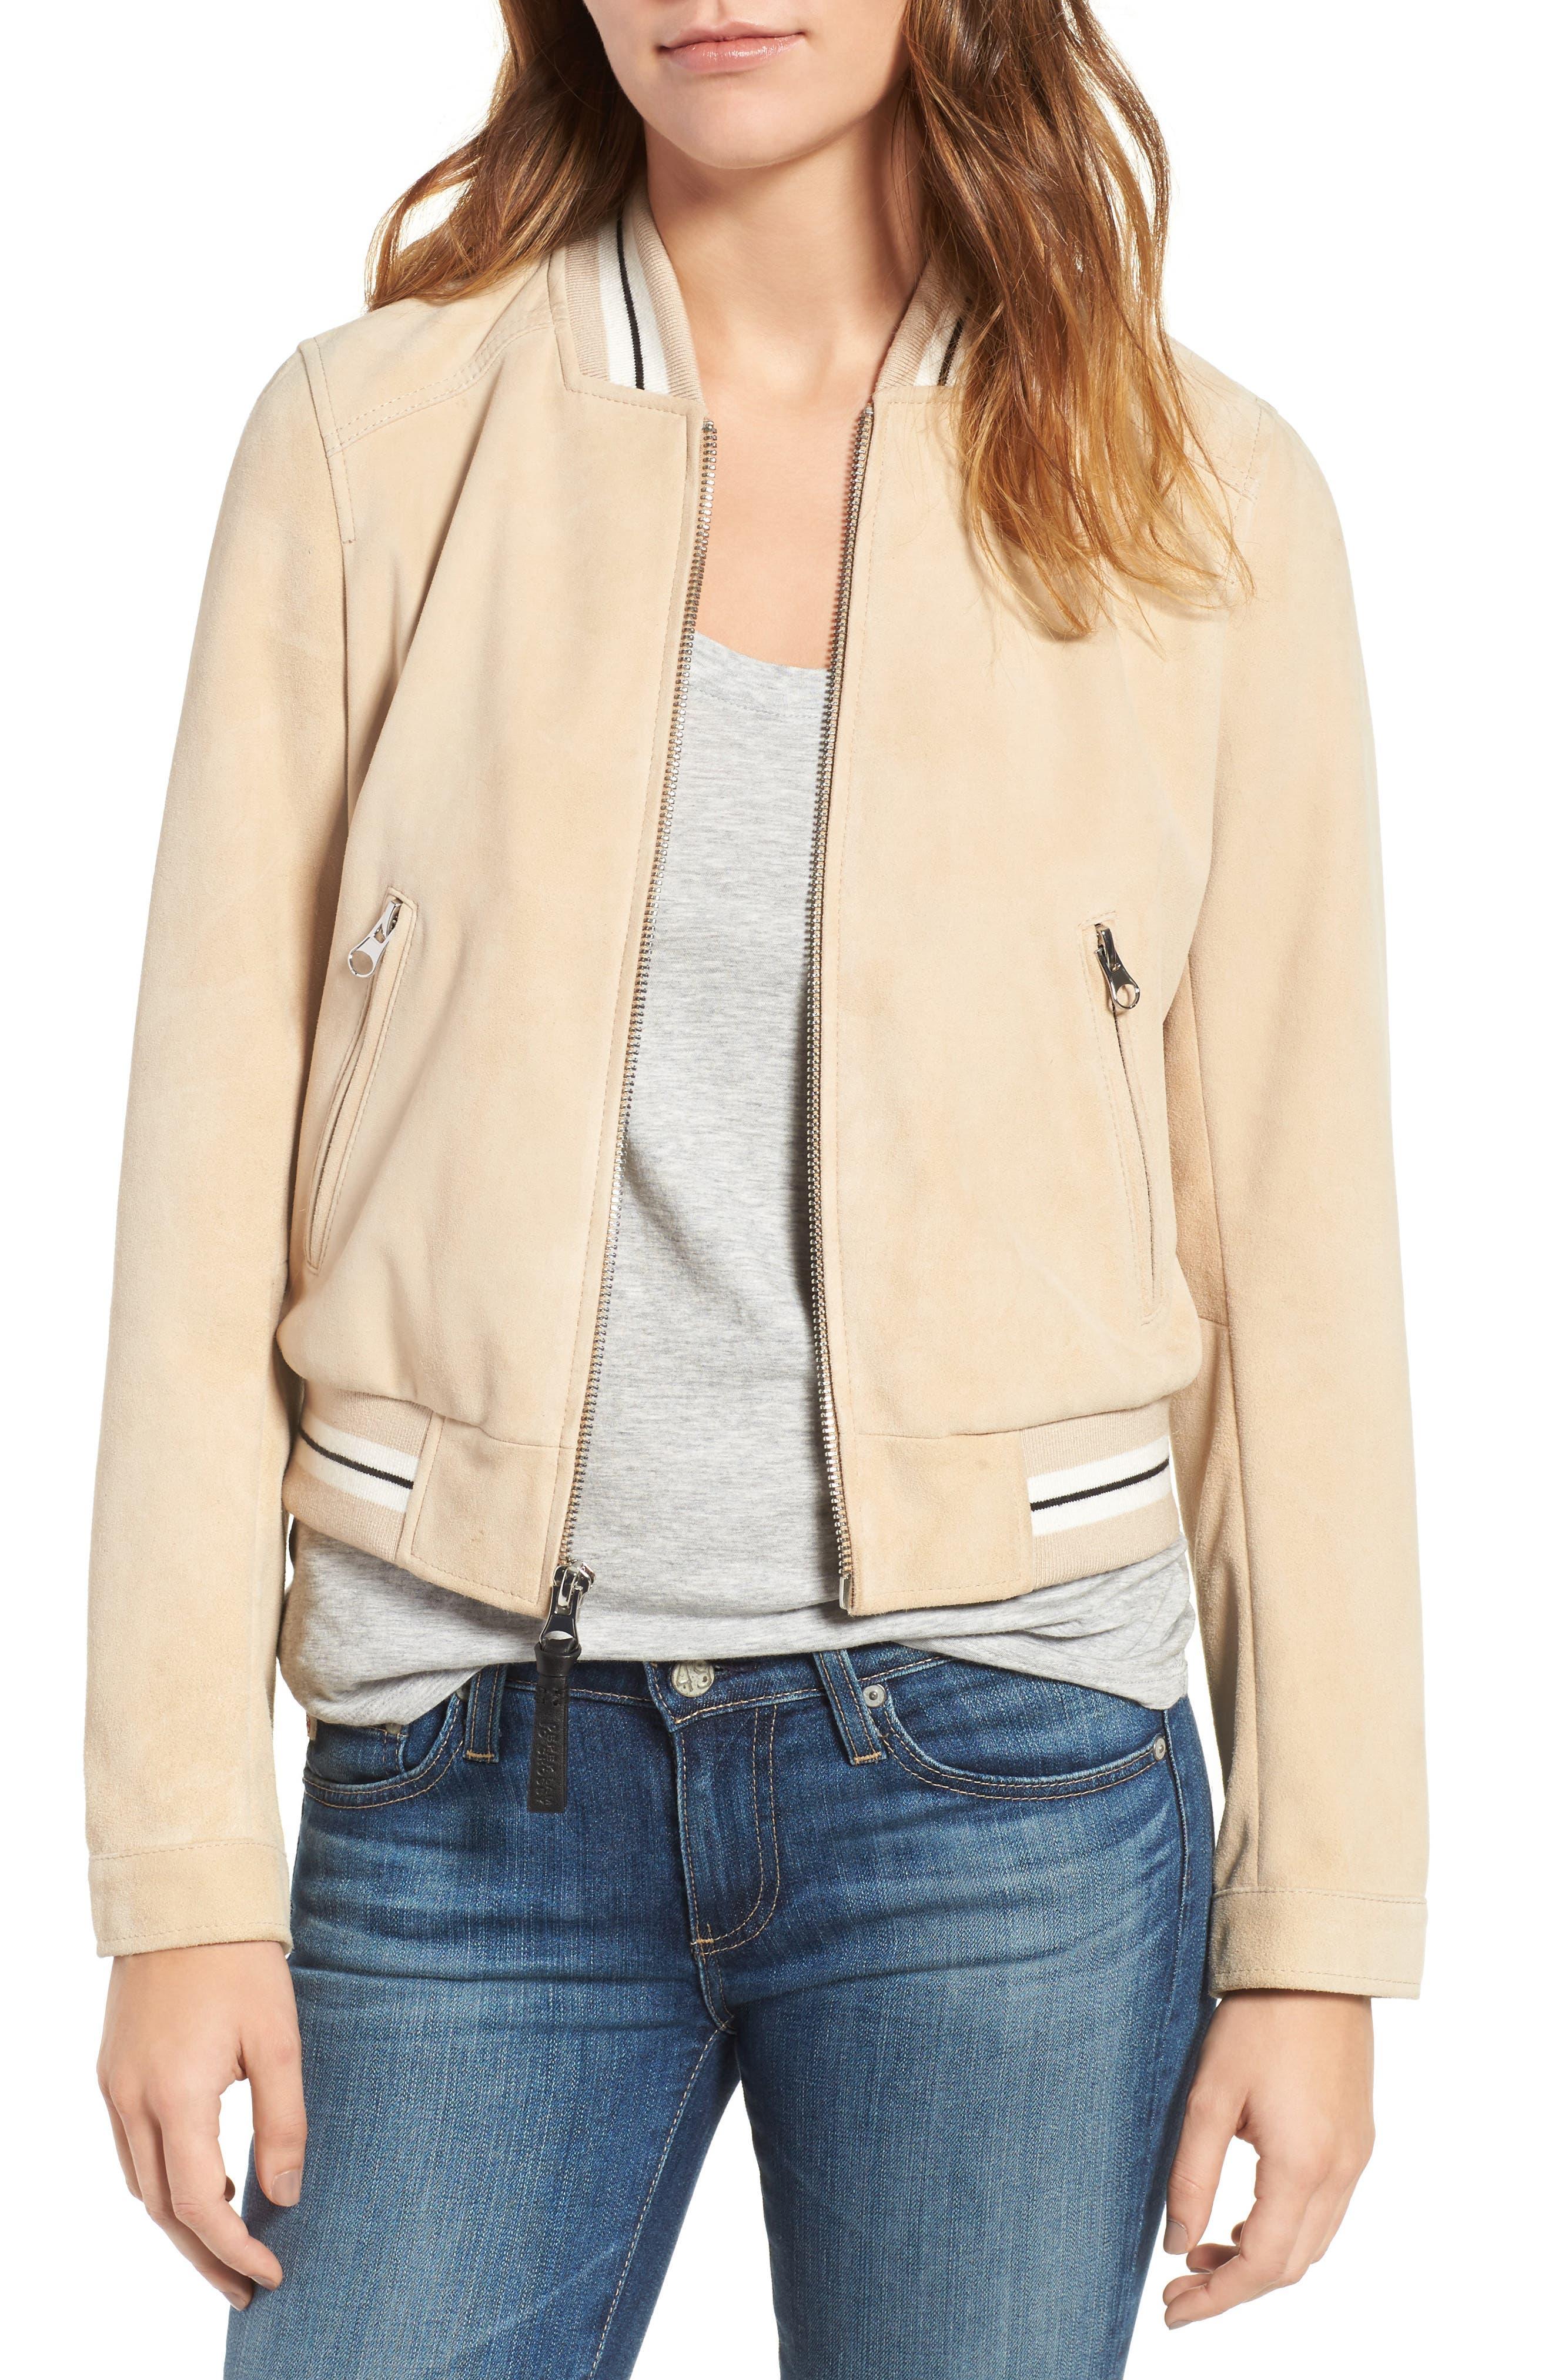 Alternate Image 1 Selected - Derek Lam 10 Crosby Suede Varsity Jacket